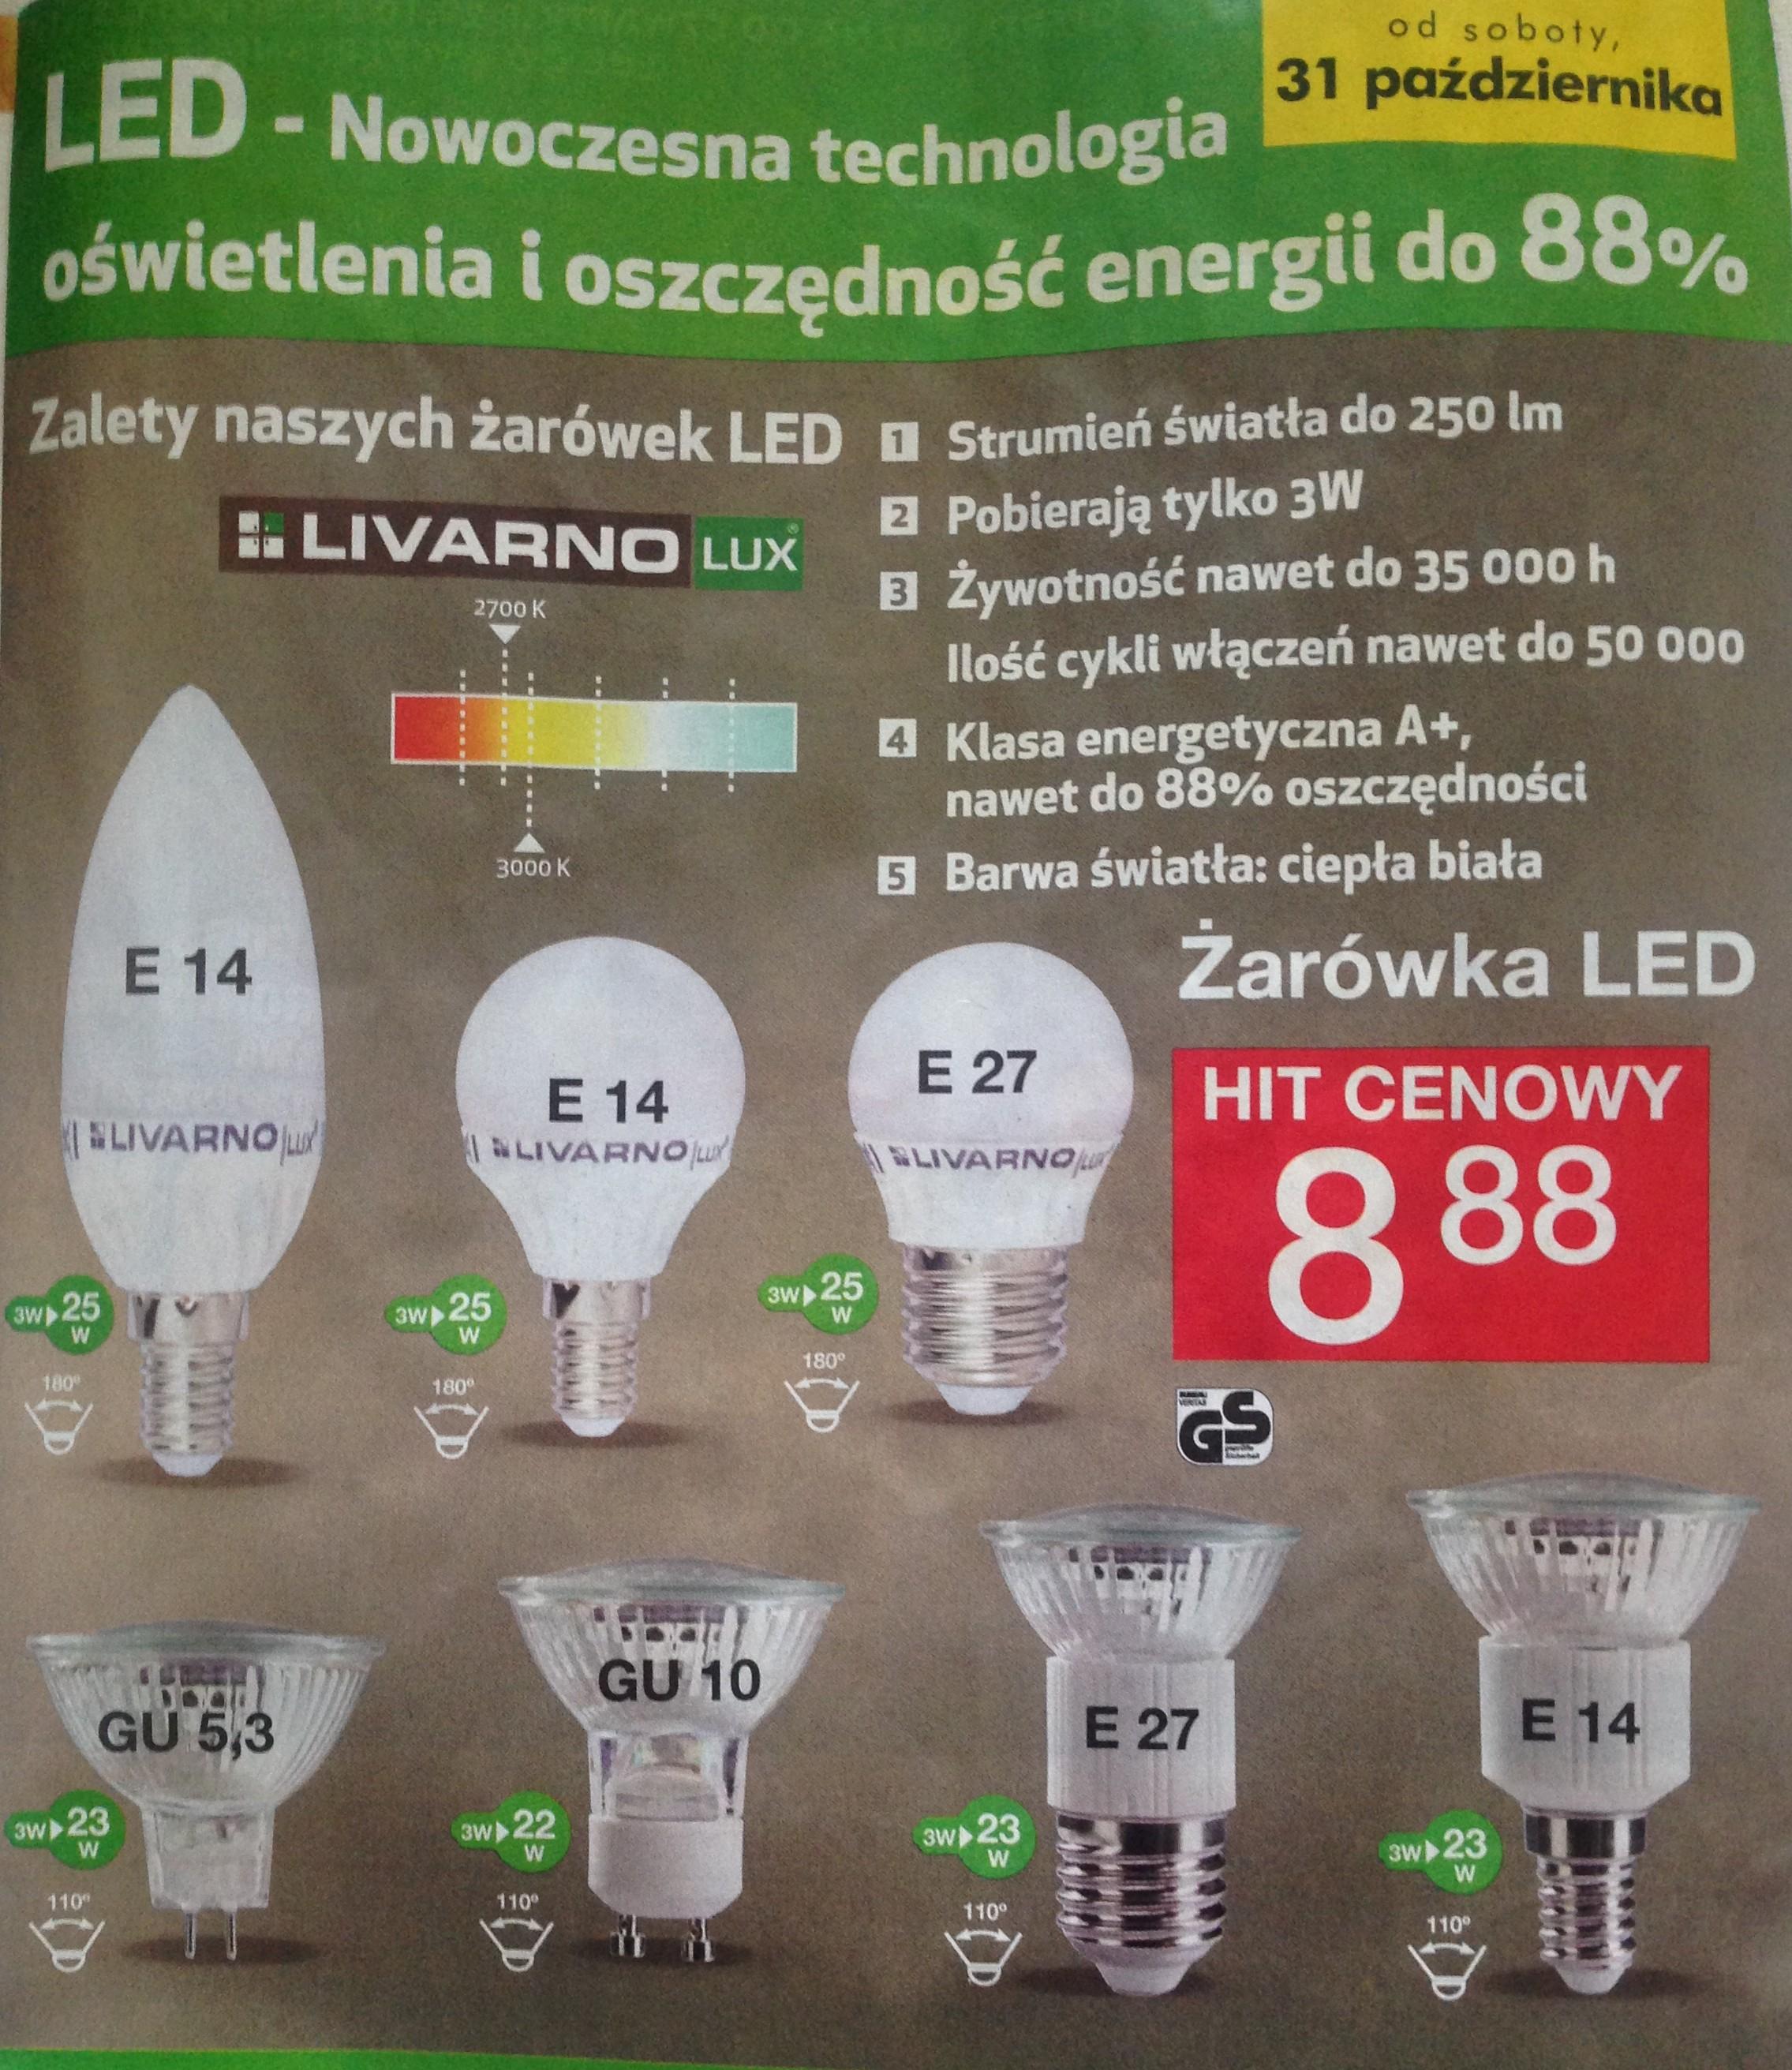 Żarówki LED - rózne rodzaje 8,88szt - LIDL od 31X